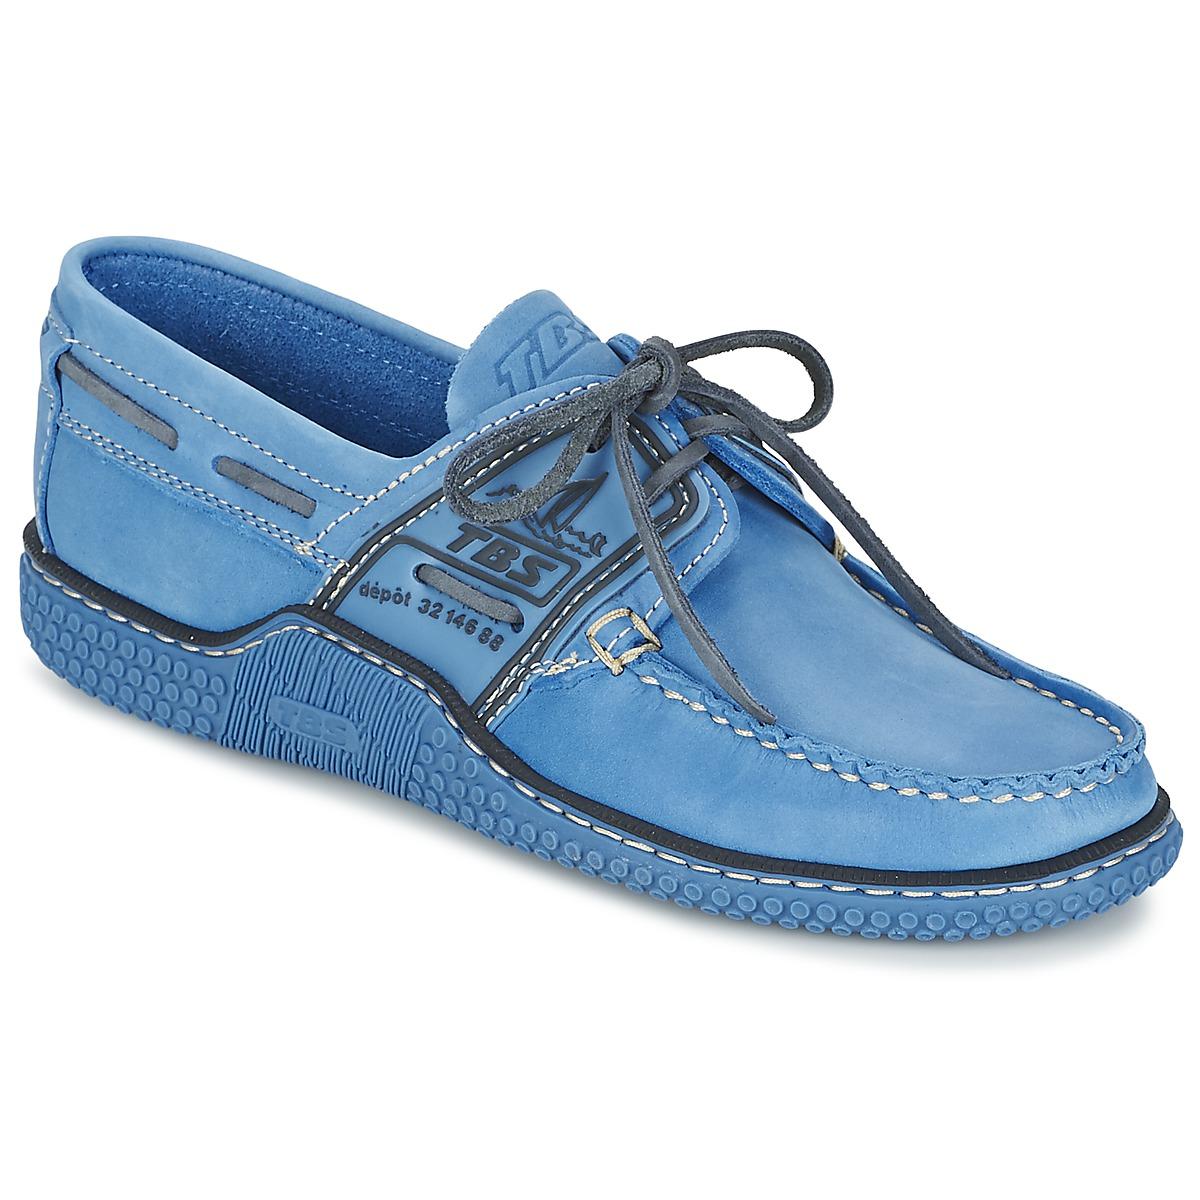 tbs globek cobalt nuit chaussure pas cher avec chaussures chaussures bateau. Black Bedroom Furniture Sets. Home Design Ideas